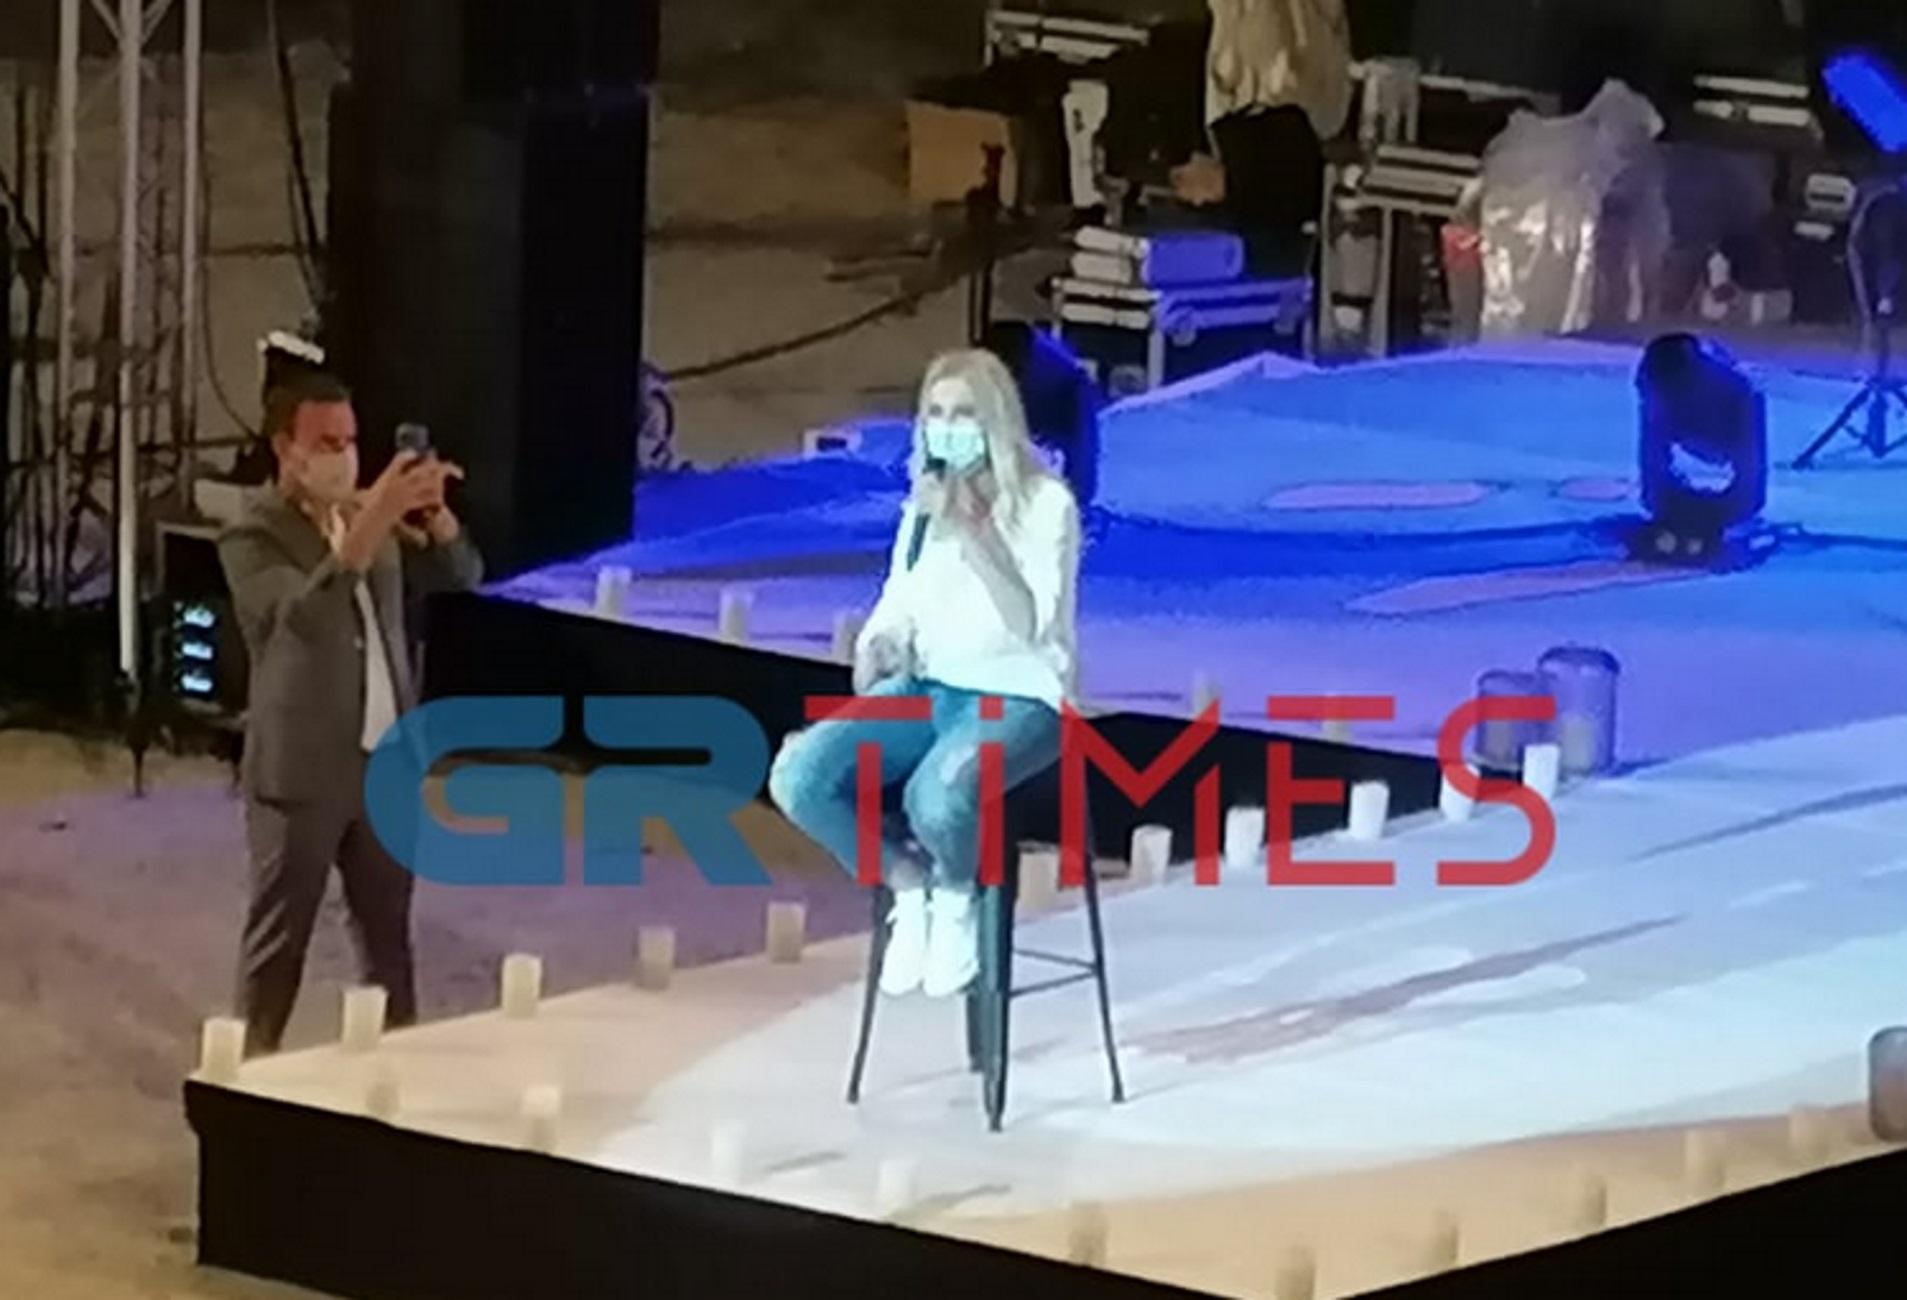 Θεσσαλονίκη: Εξέπληξε τους πάντες η Νατάσα Θεοδωρίδου! Η συναυλία, οι αποστάσεις και οι συστάσεις (Βίντεο)